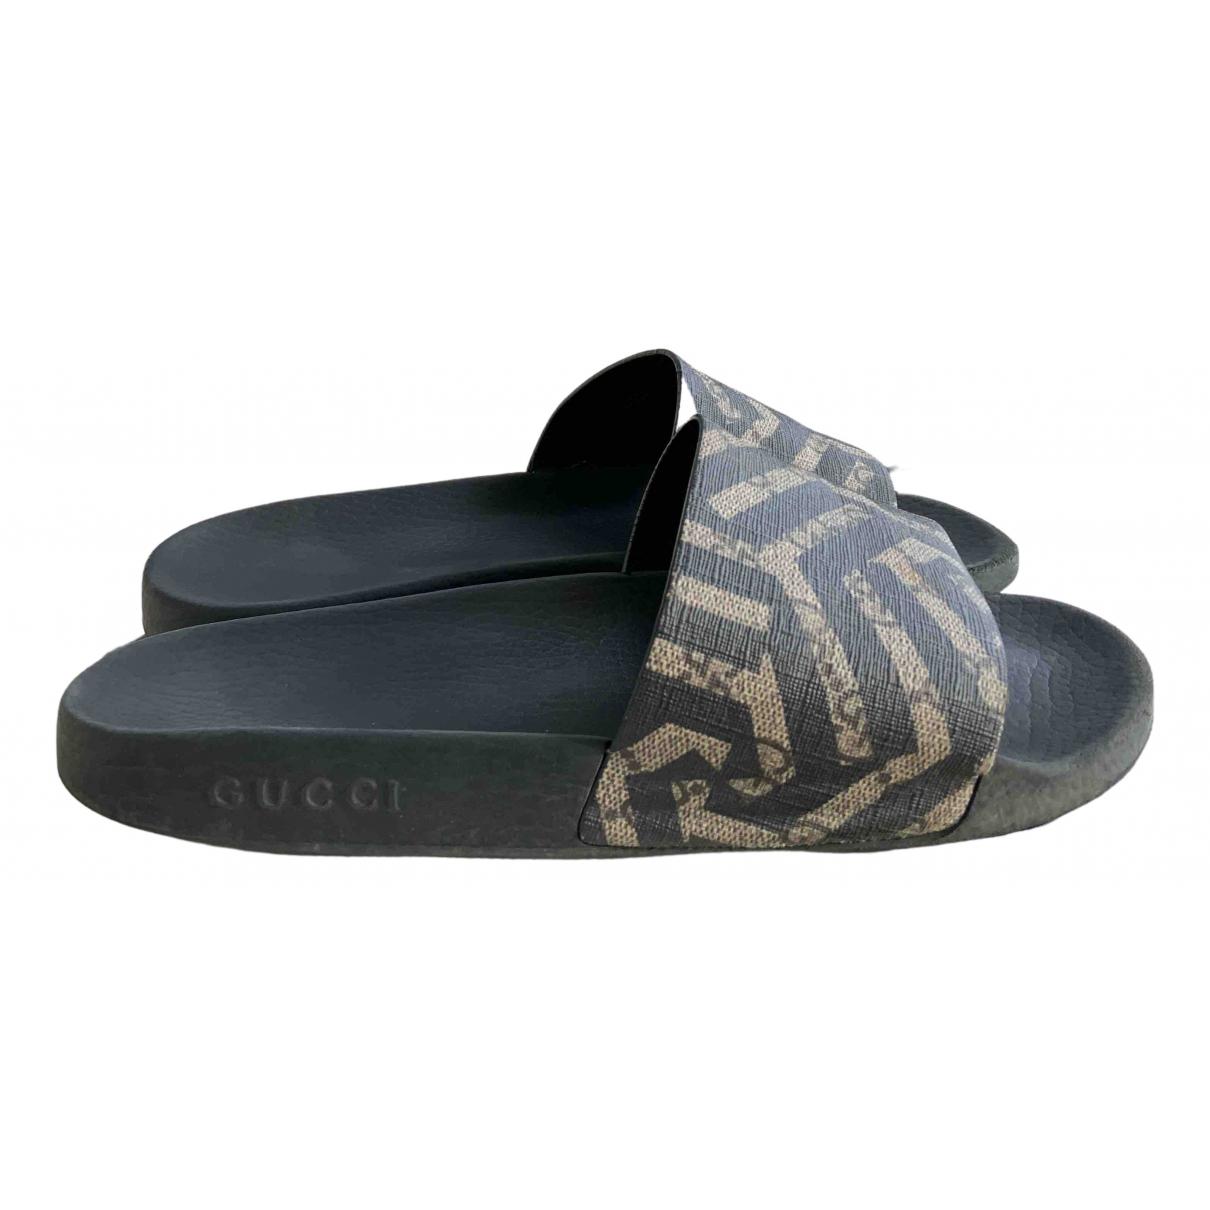 Gucci - Sandales   pour homme en caoutchouc - noir